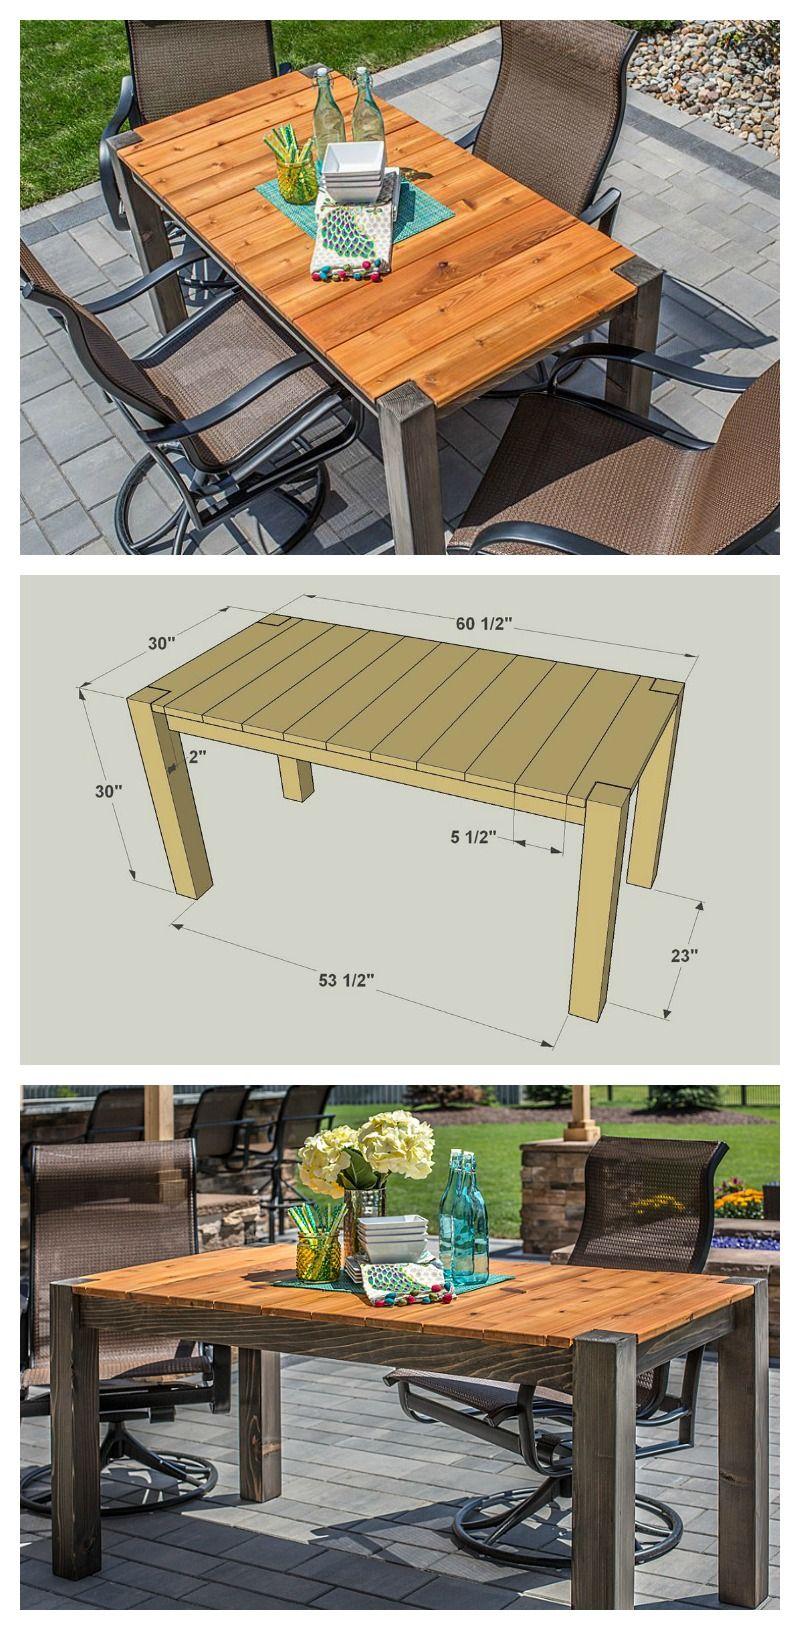 Diy Cedar Patio Table Free Plans At Buildsomething Com Diy